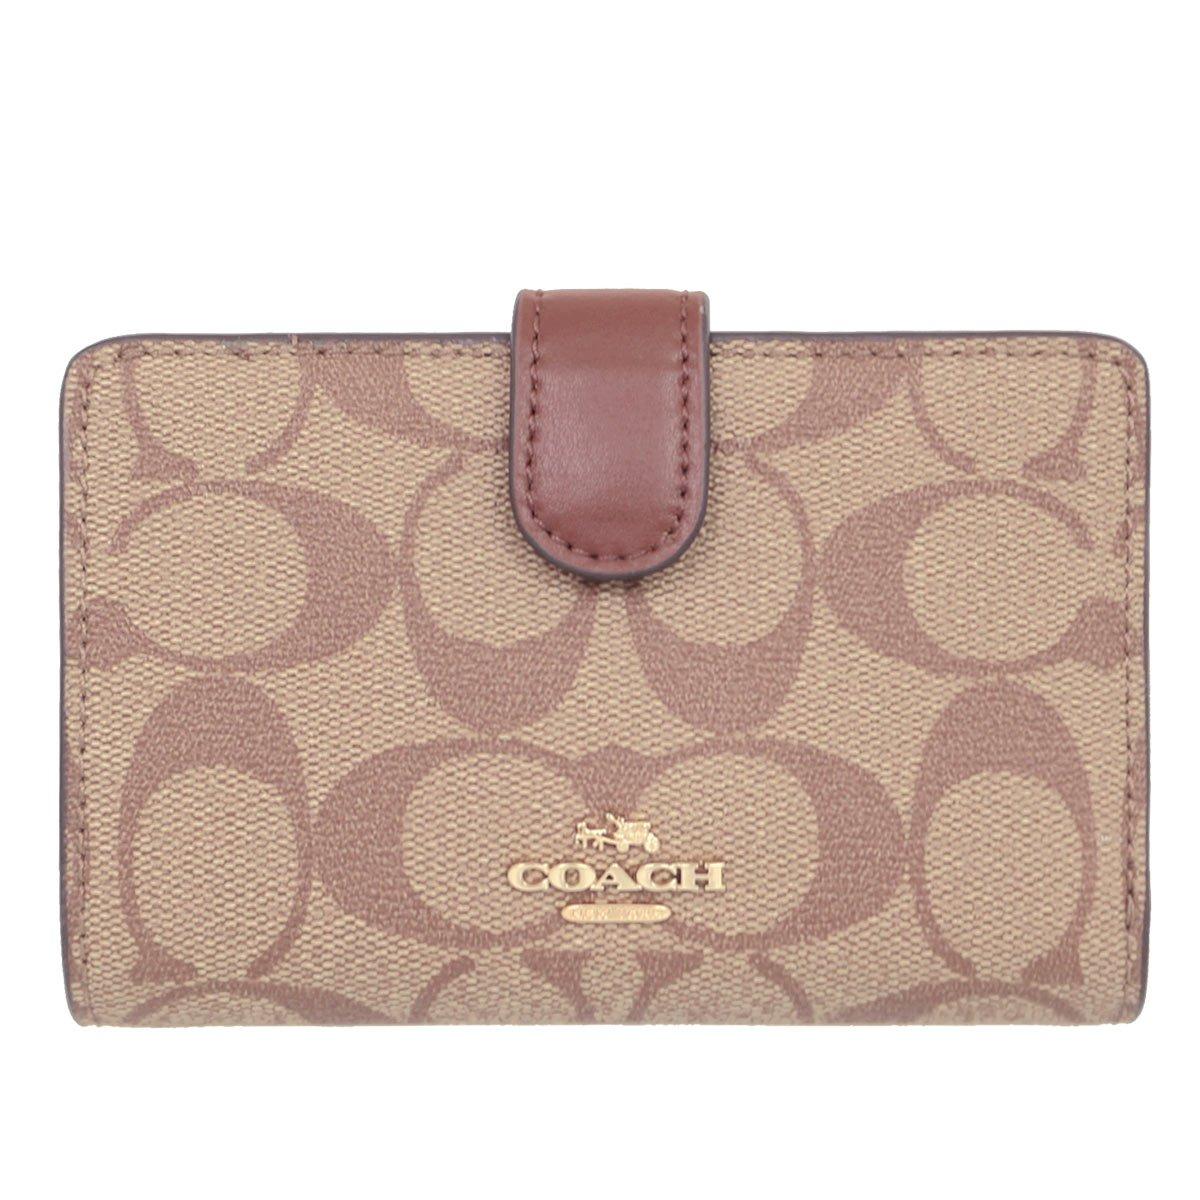 [コーチ] COACH 財布 (二つ折り財布) F23553 カーキ×サドル2 IME74 シグネチャー 二つ折り財布 レディース [アウトレット品] [並行輸入品] B077F9NRNQ